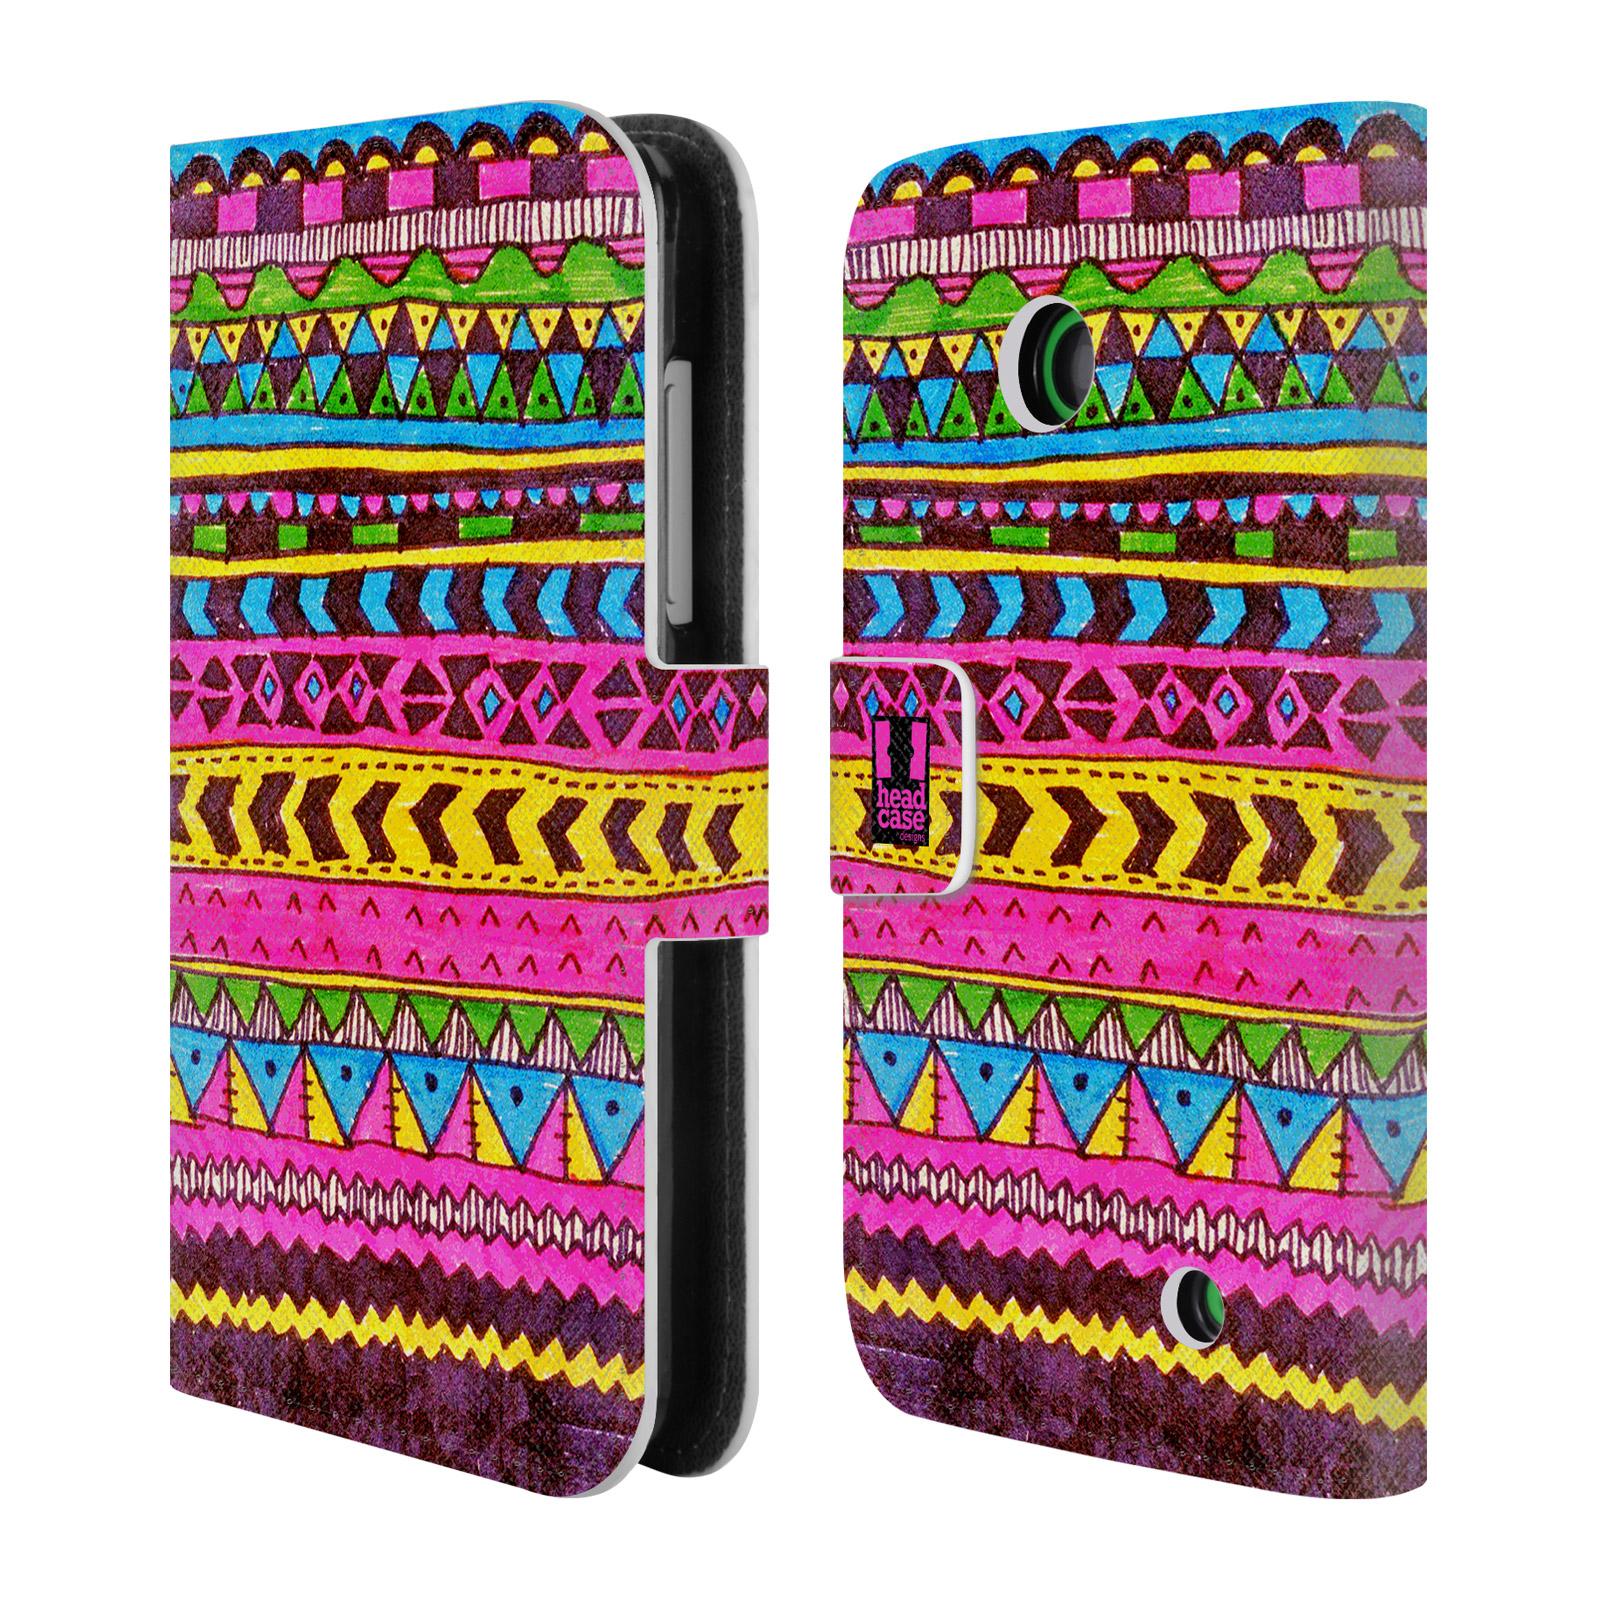 HEAD CASE Flipové pouzdro pro mobil NOKIA LUMIA 630 / LUMIA 630 DUAL Barevná aztécká čmáranice růžová